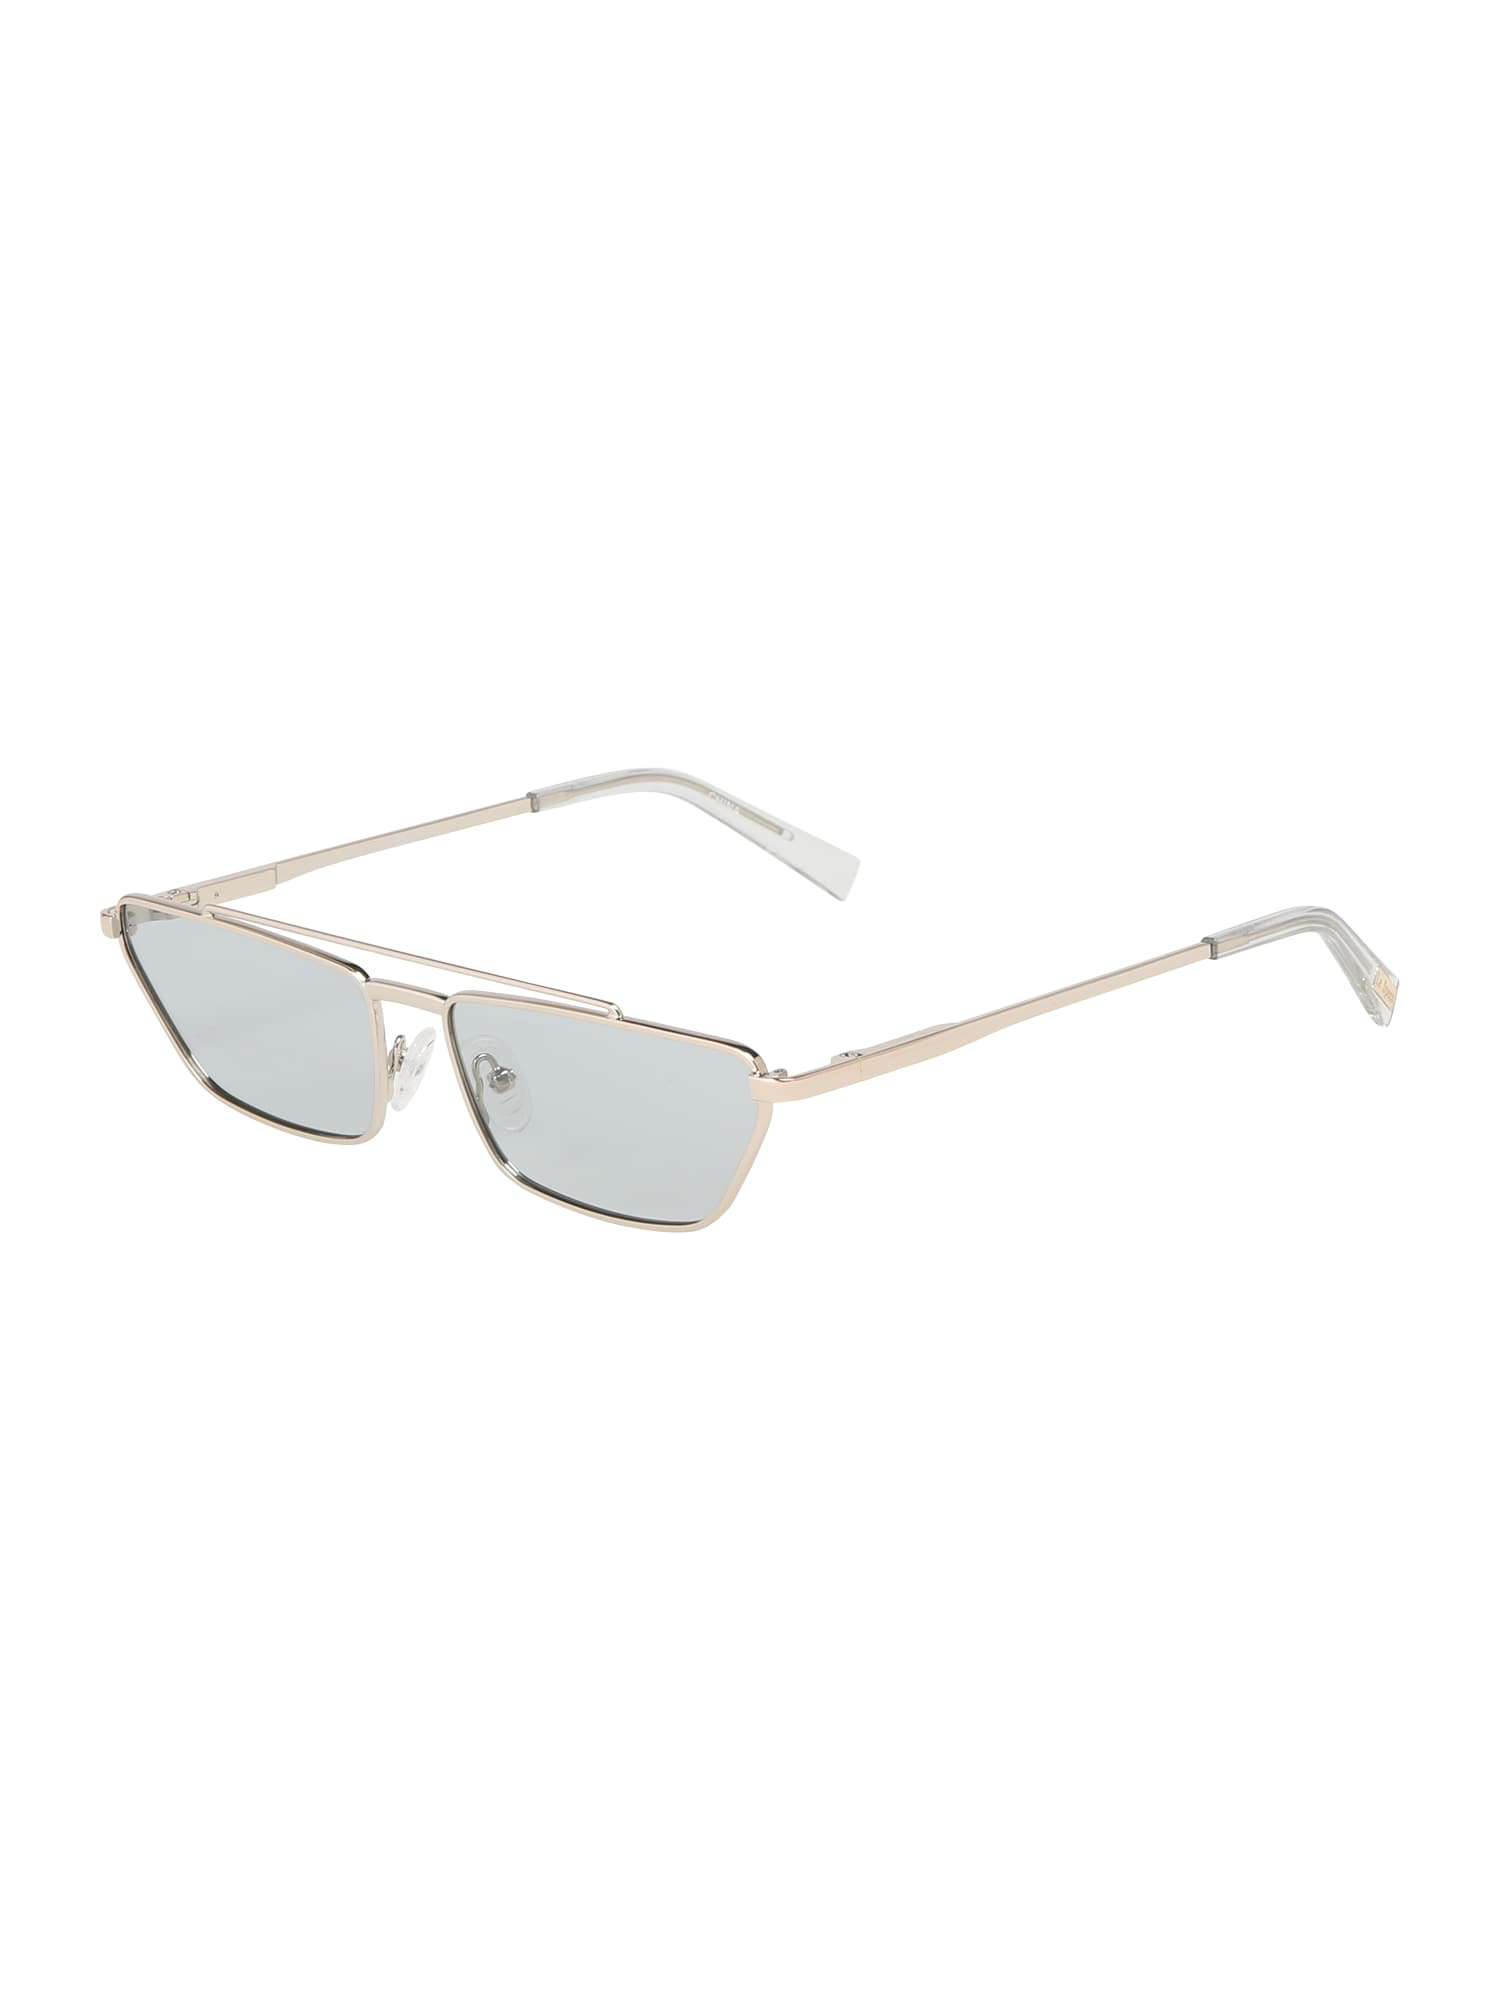 Sluneční brýle Electricool zlatá šedá LE SPECS